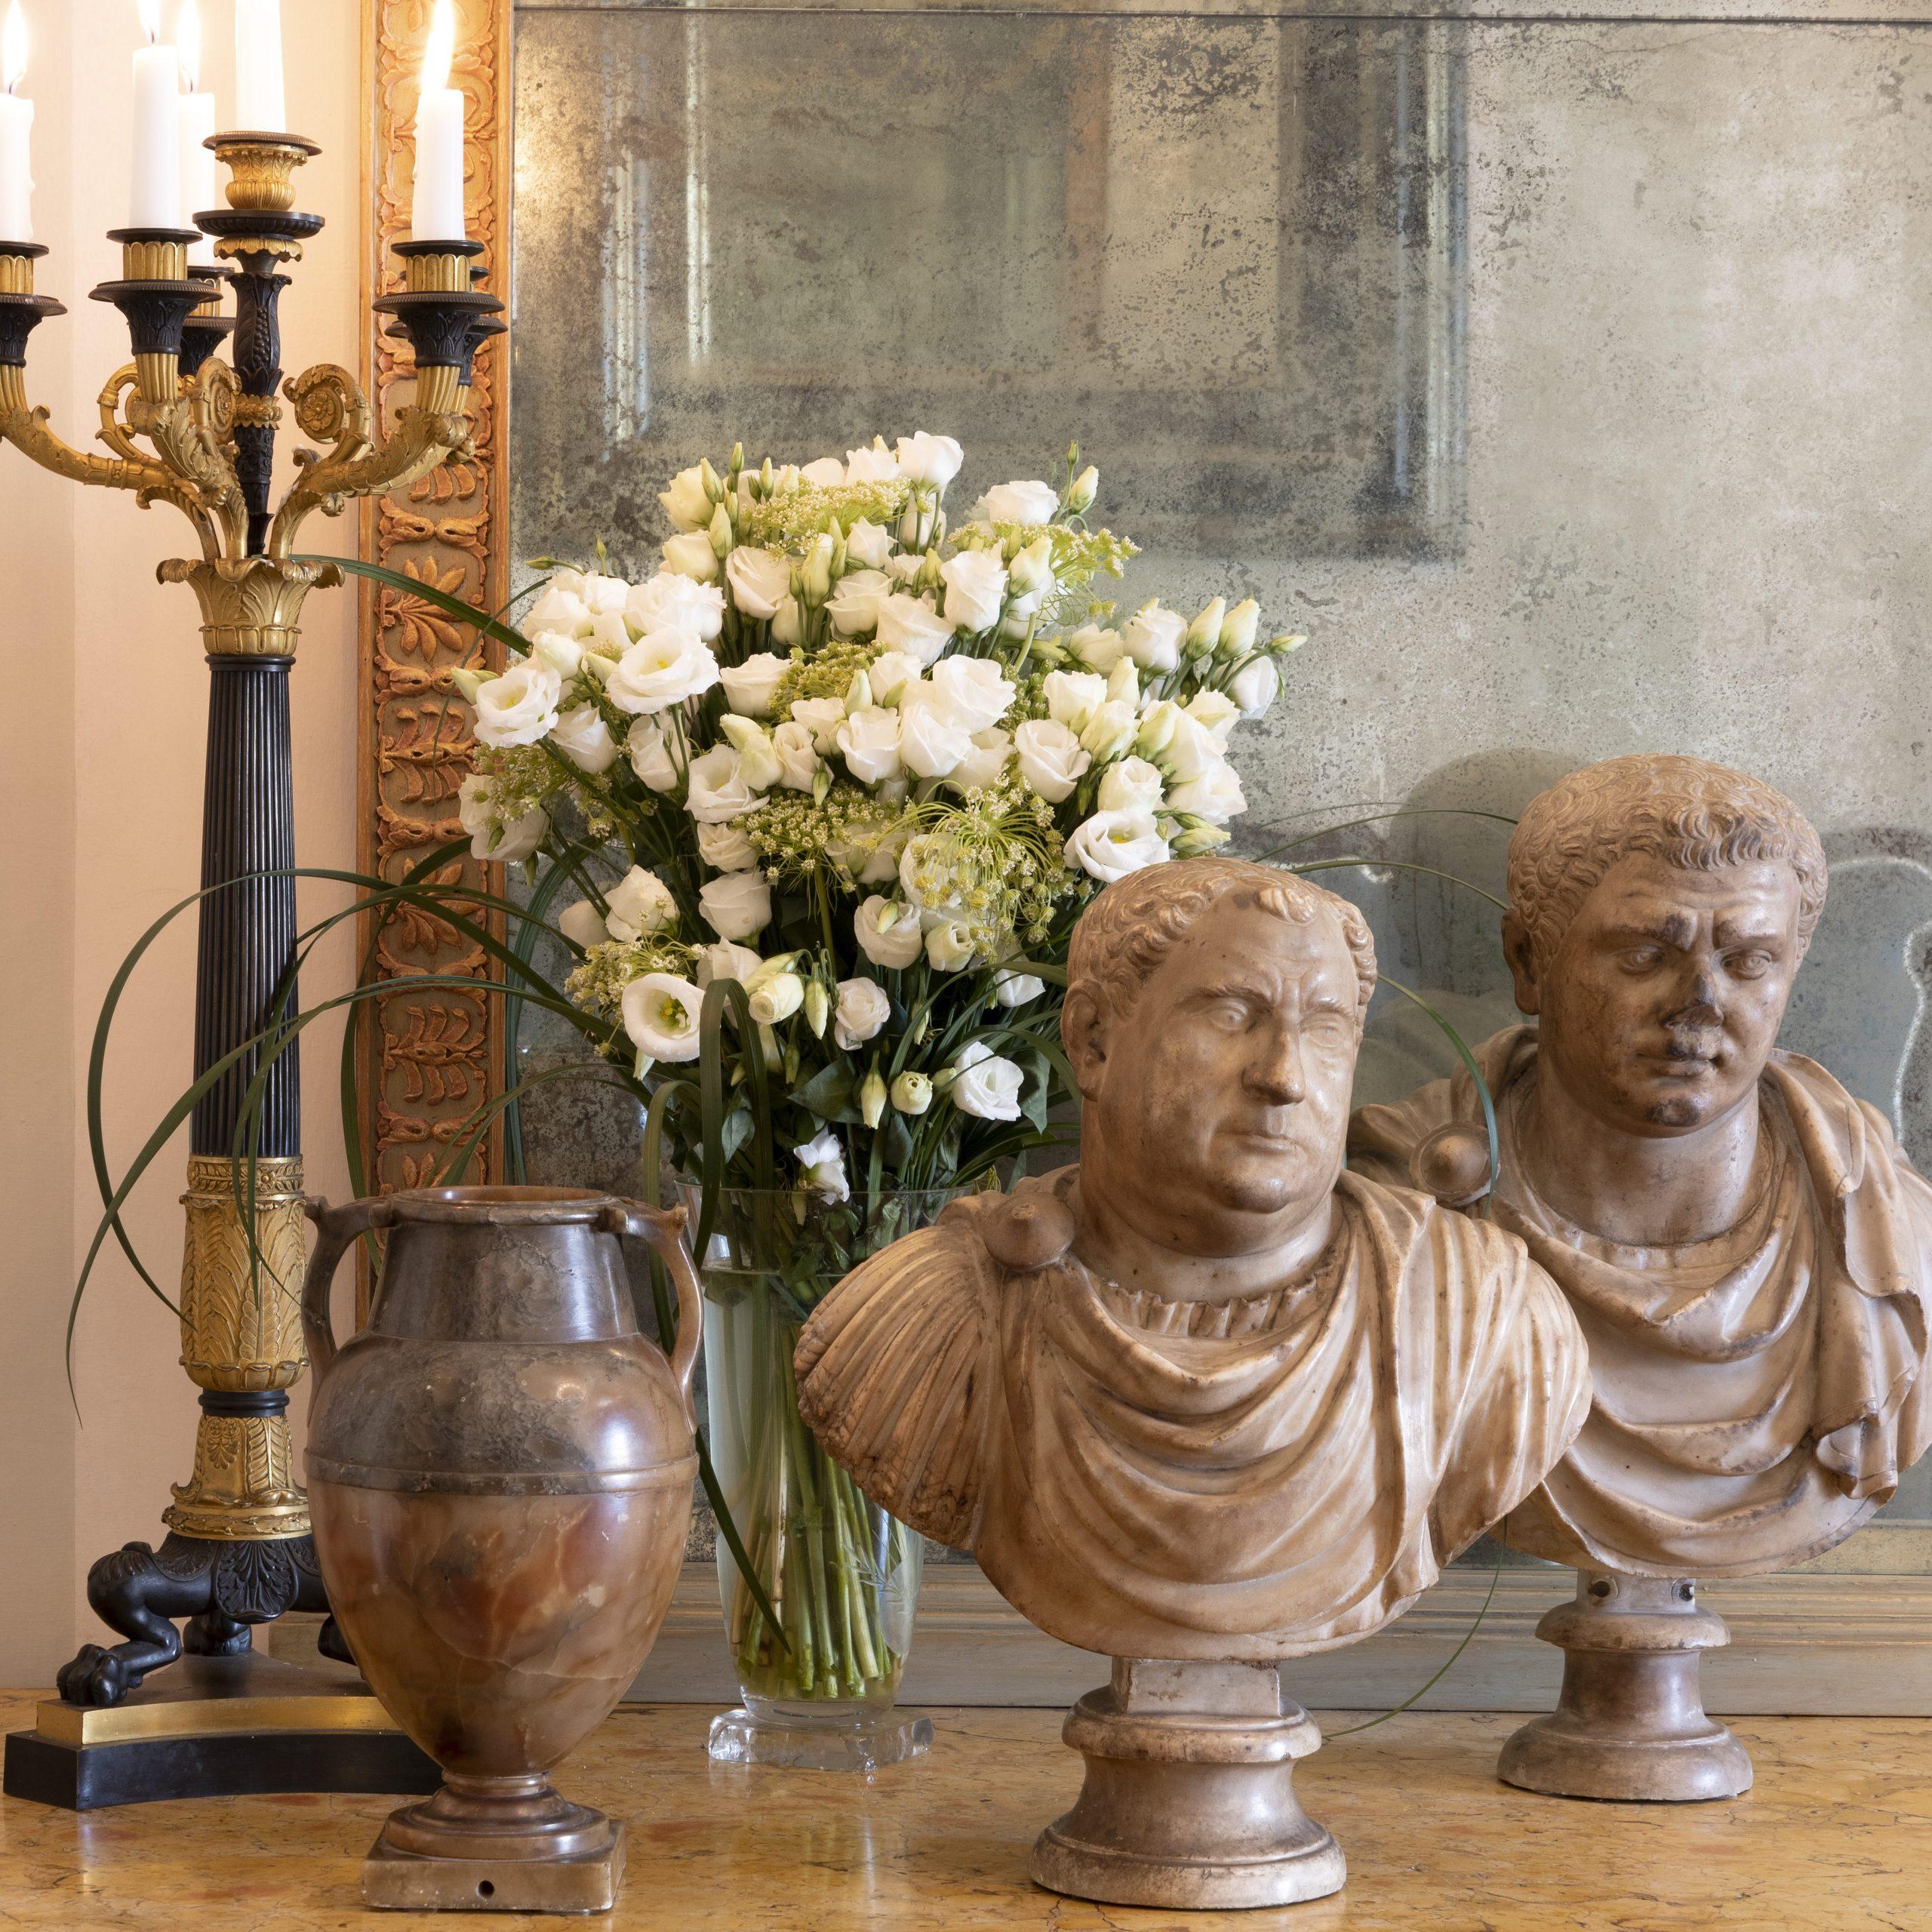 Busti degli Imperatori , Traiano (53-117 d.C.), Cesare (100-44 a.C.) Vitellio (15-69 d.C.) Tito (9-79 d.C.). Marmo Arte tardo-rinascimentale Roma, seconda metà del XVI secolo. Stima: 50.000 - 70.000 euro.